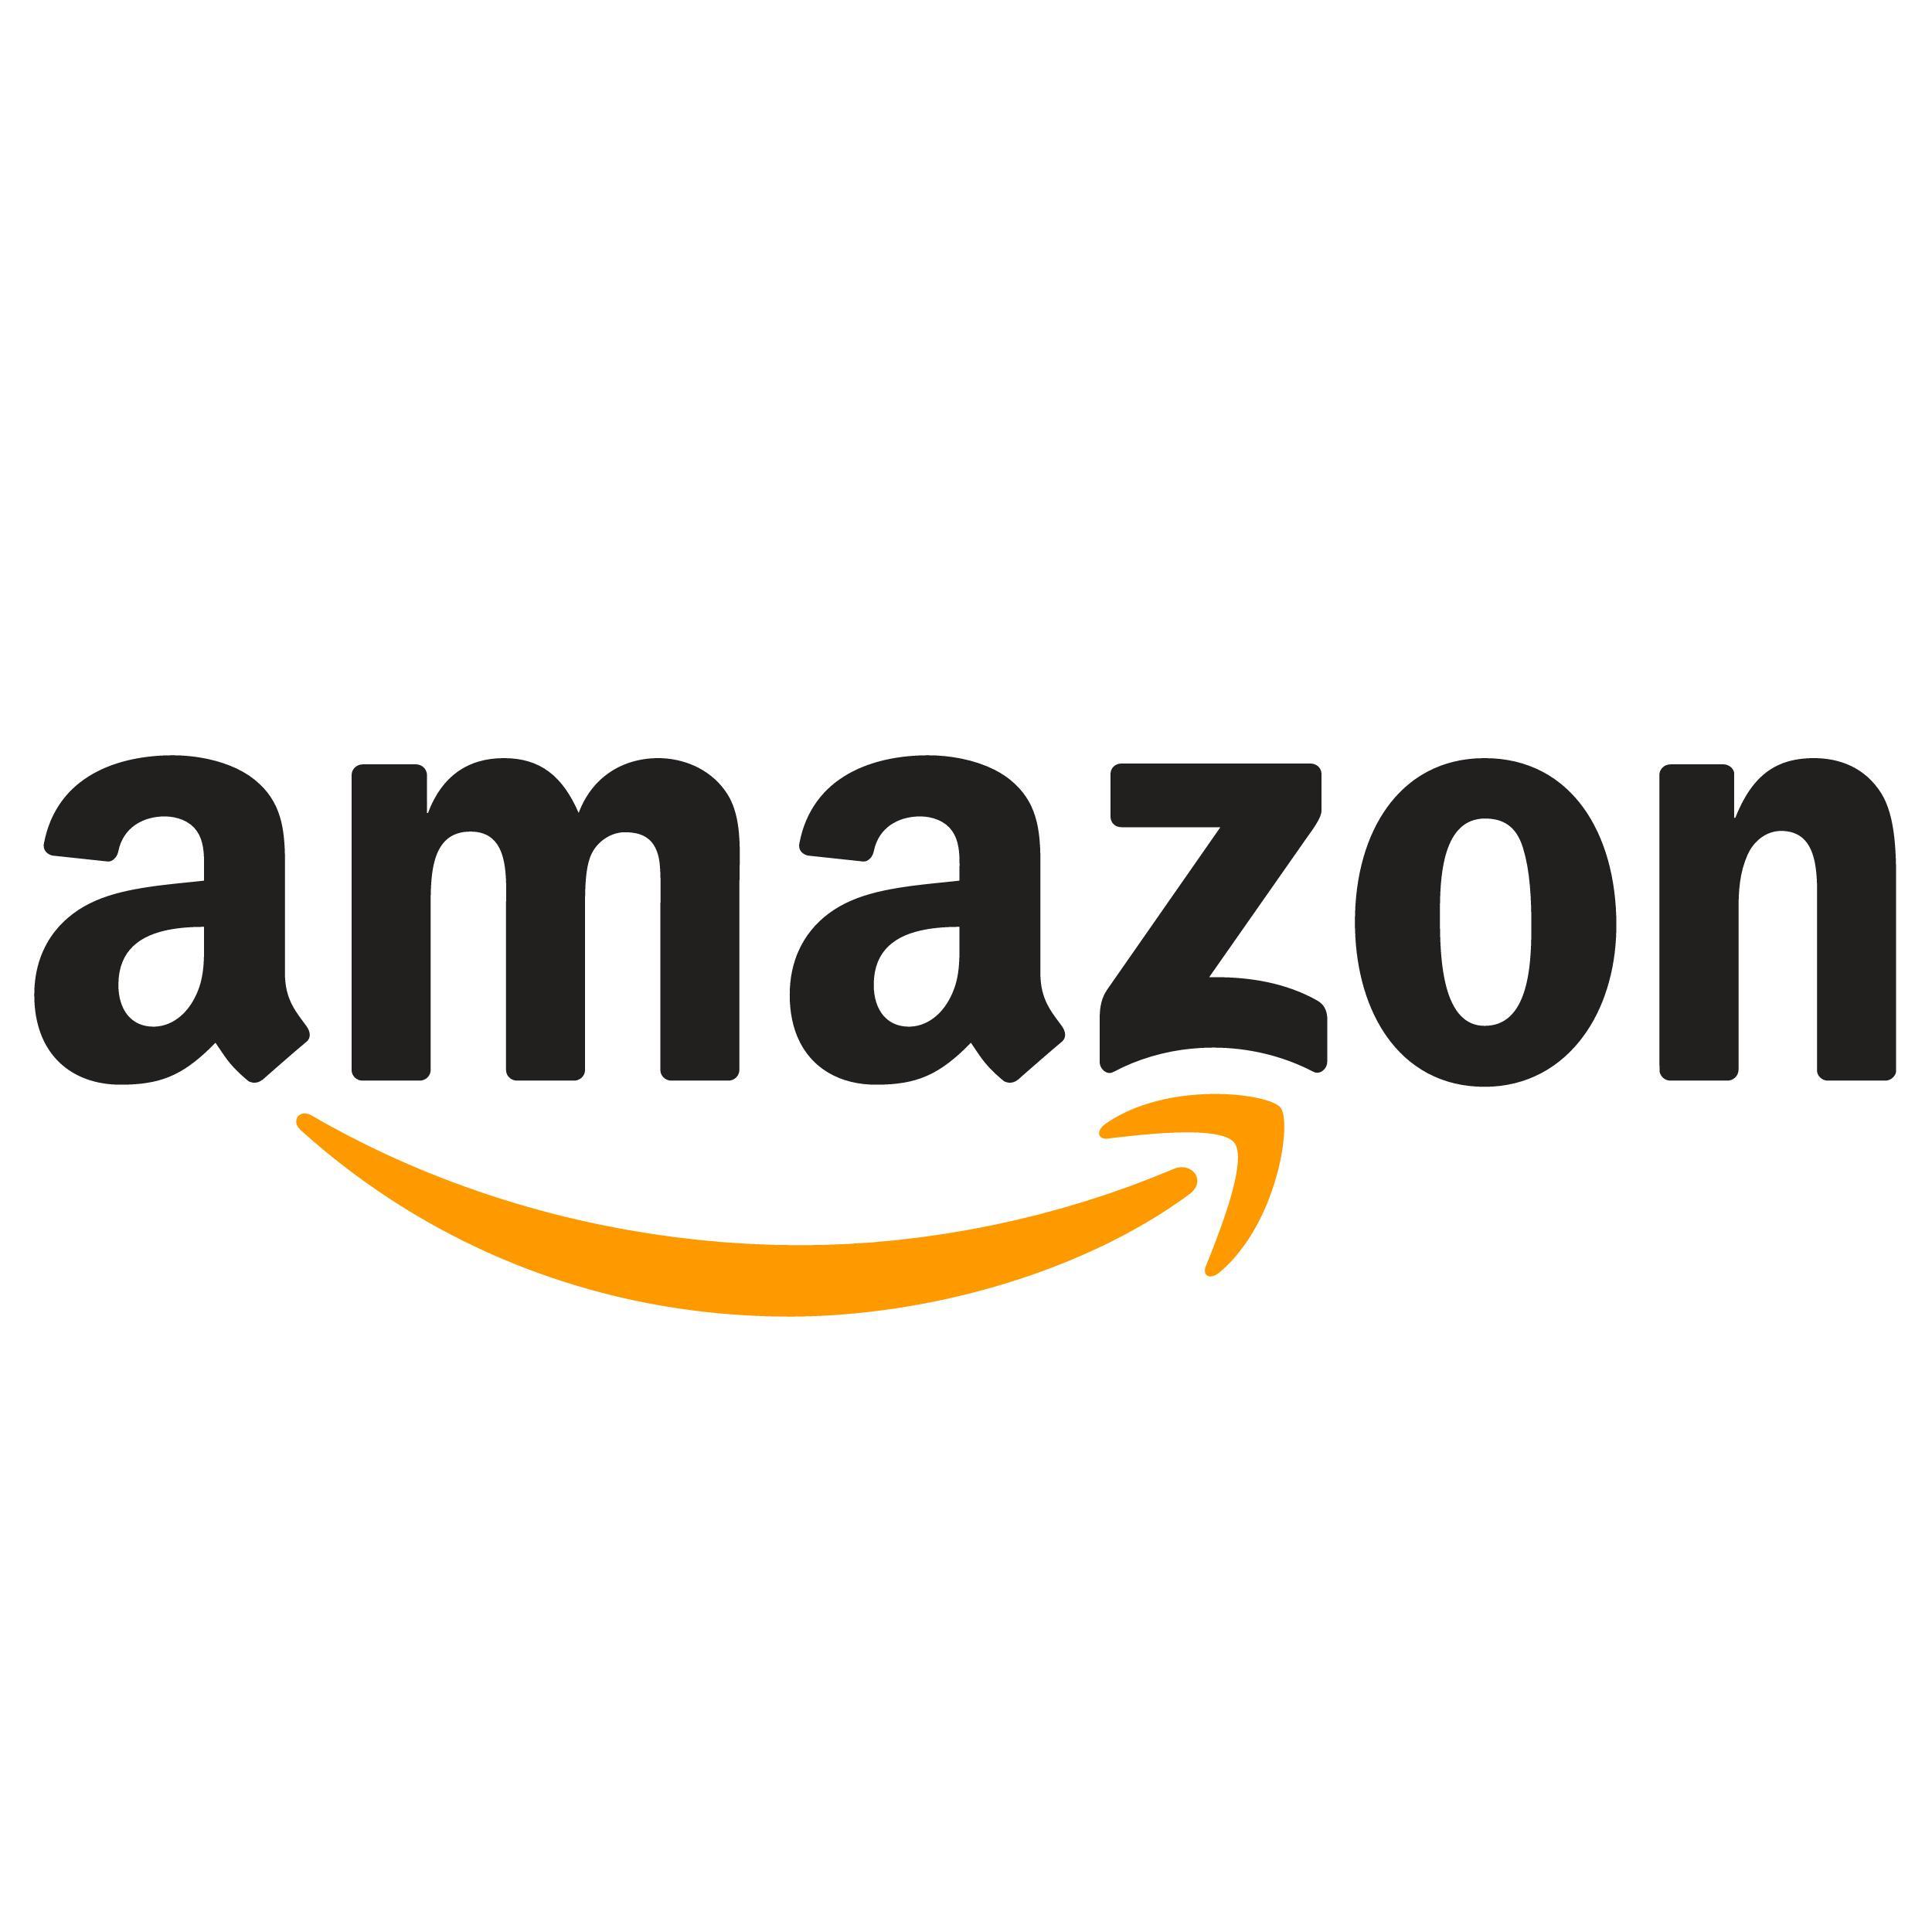 [Prime] Regardez un film ou une série TV en Streaming sur Prime Video (30mn requis) pour recevoir un bon de 5€ de réduction dès 25€ d'achats